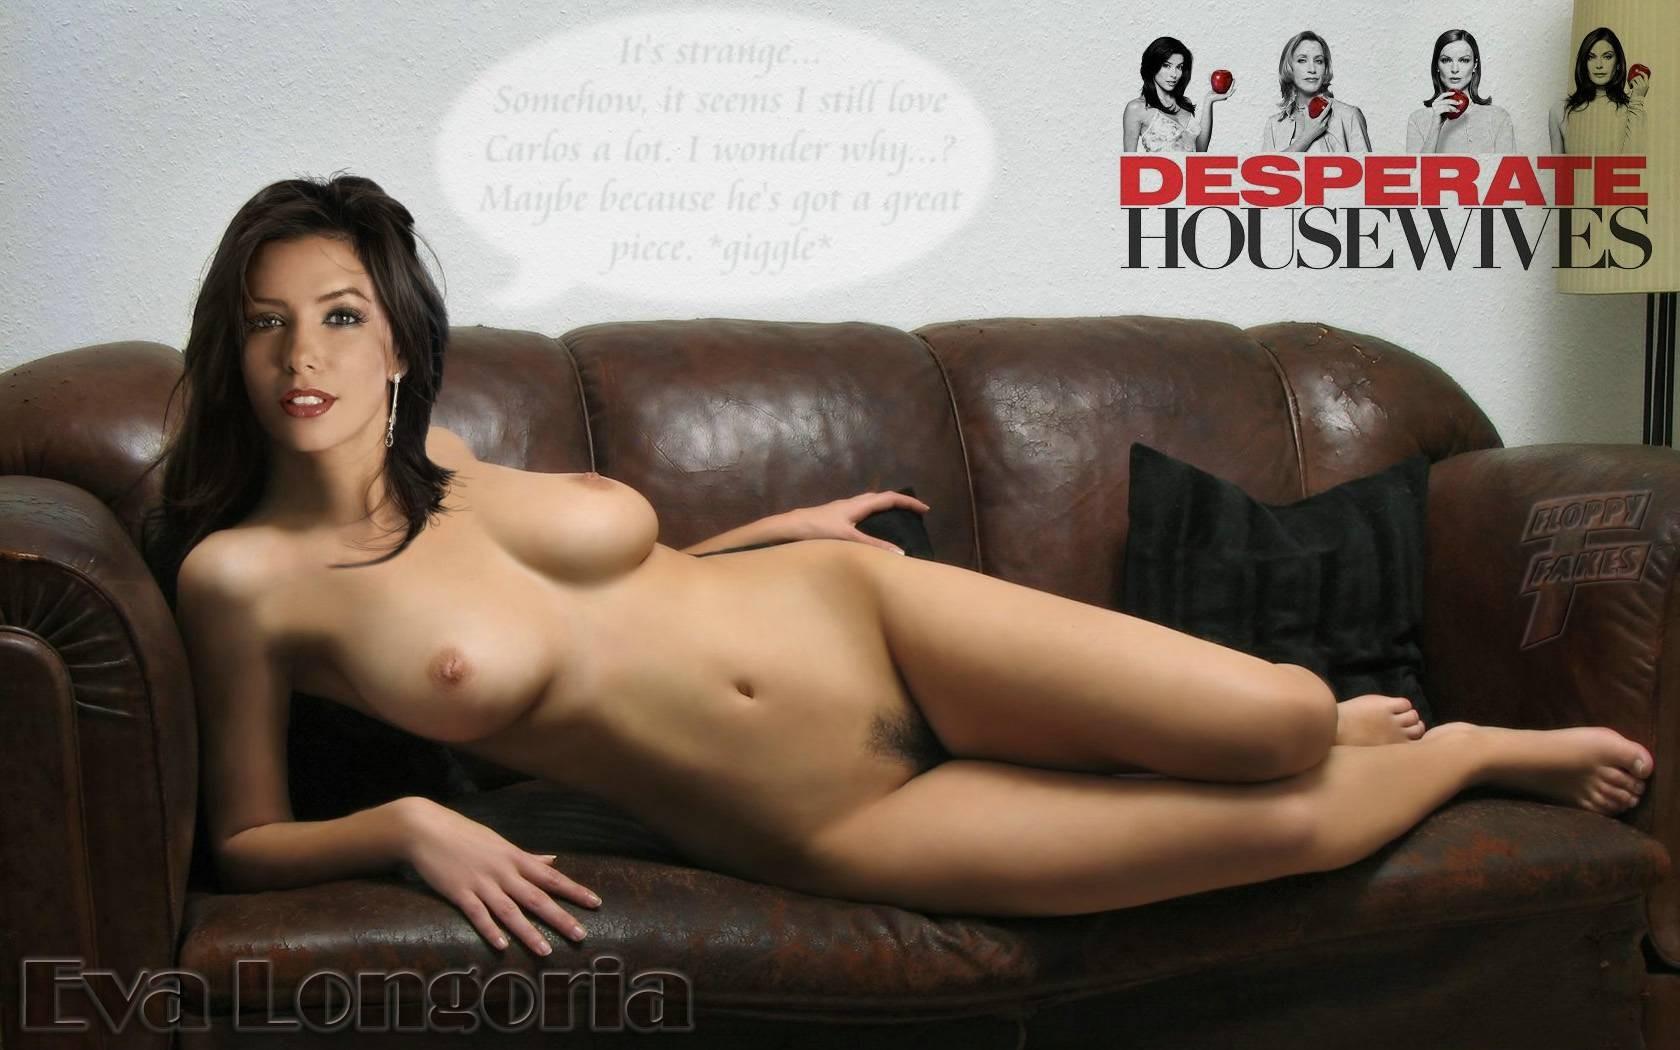 Eva longoria naked fake porn